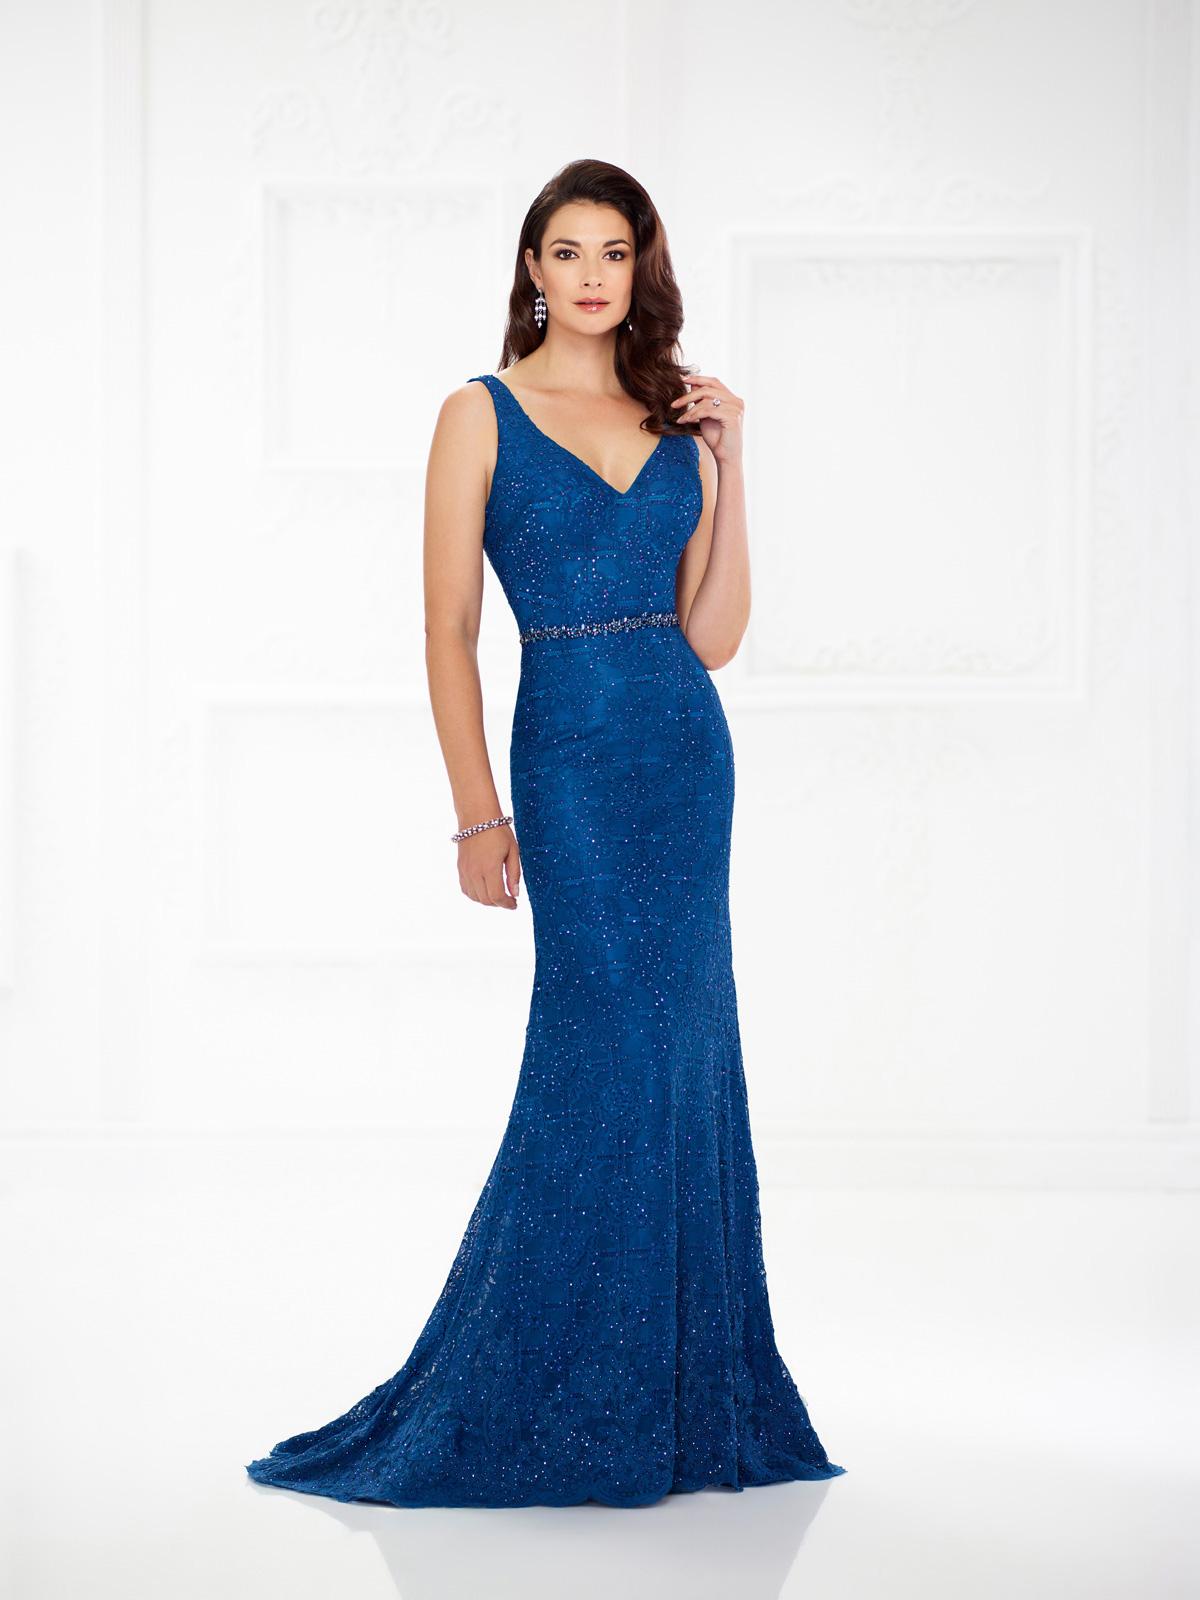 Vestido de Festa elegante com decote V, corte reto todo confeccionado em renda francesa e detalhe de cinto em pedrarias e blazer opcional.